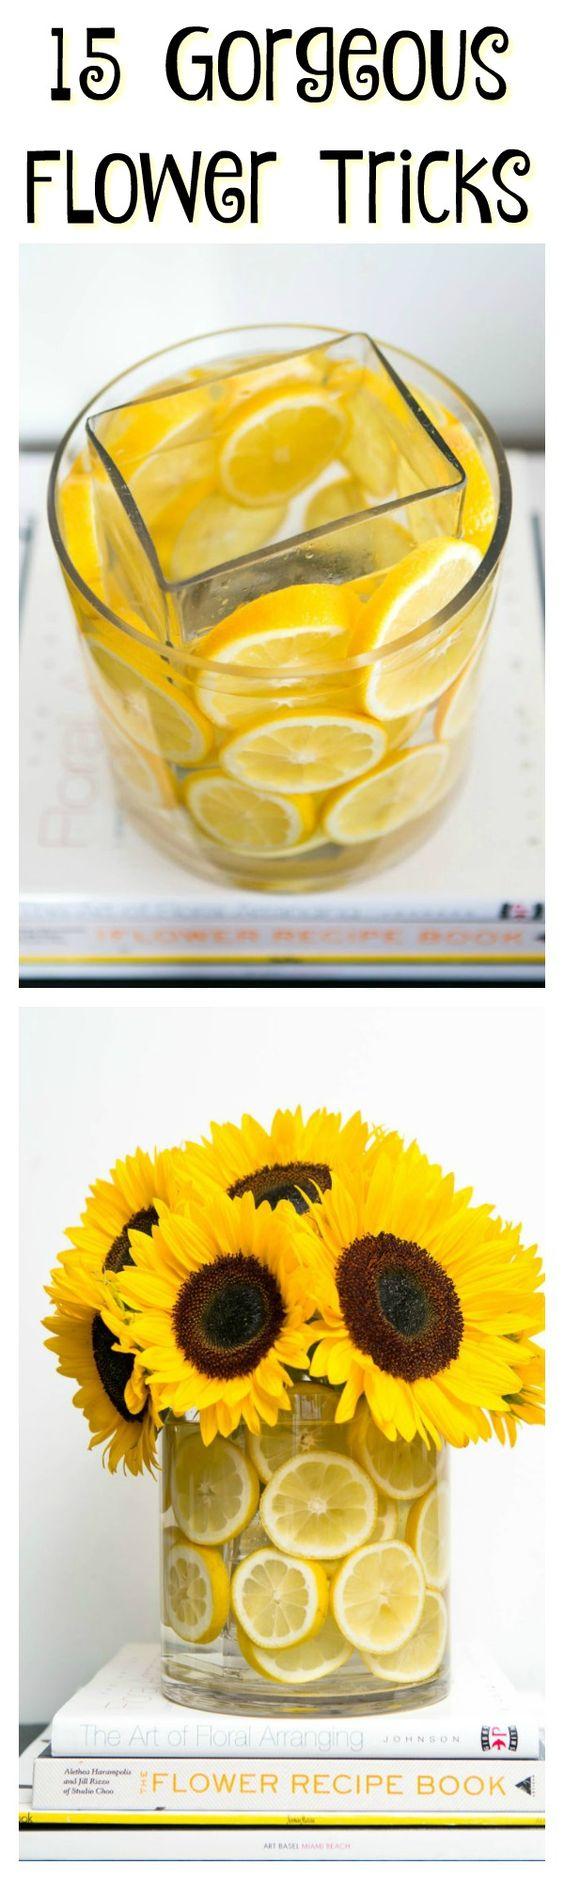 Trucos con flores que te asombrarán.